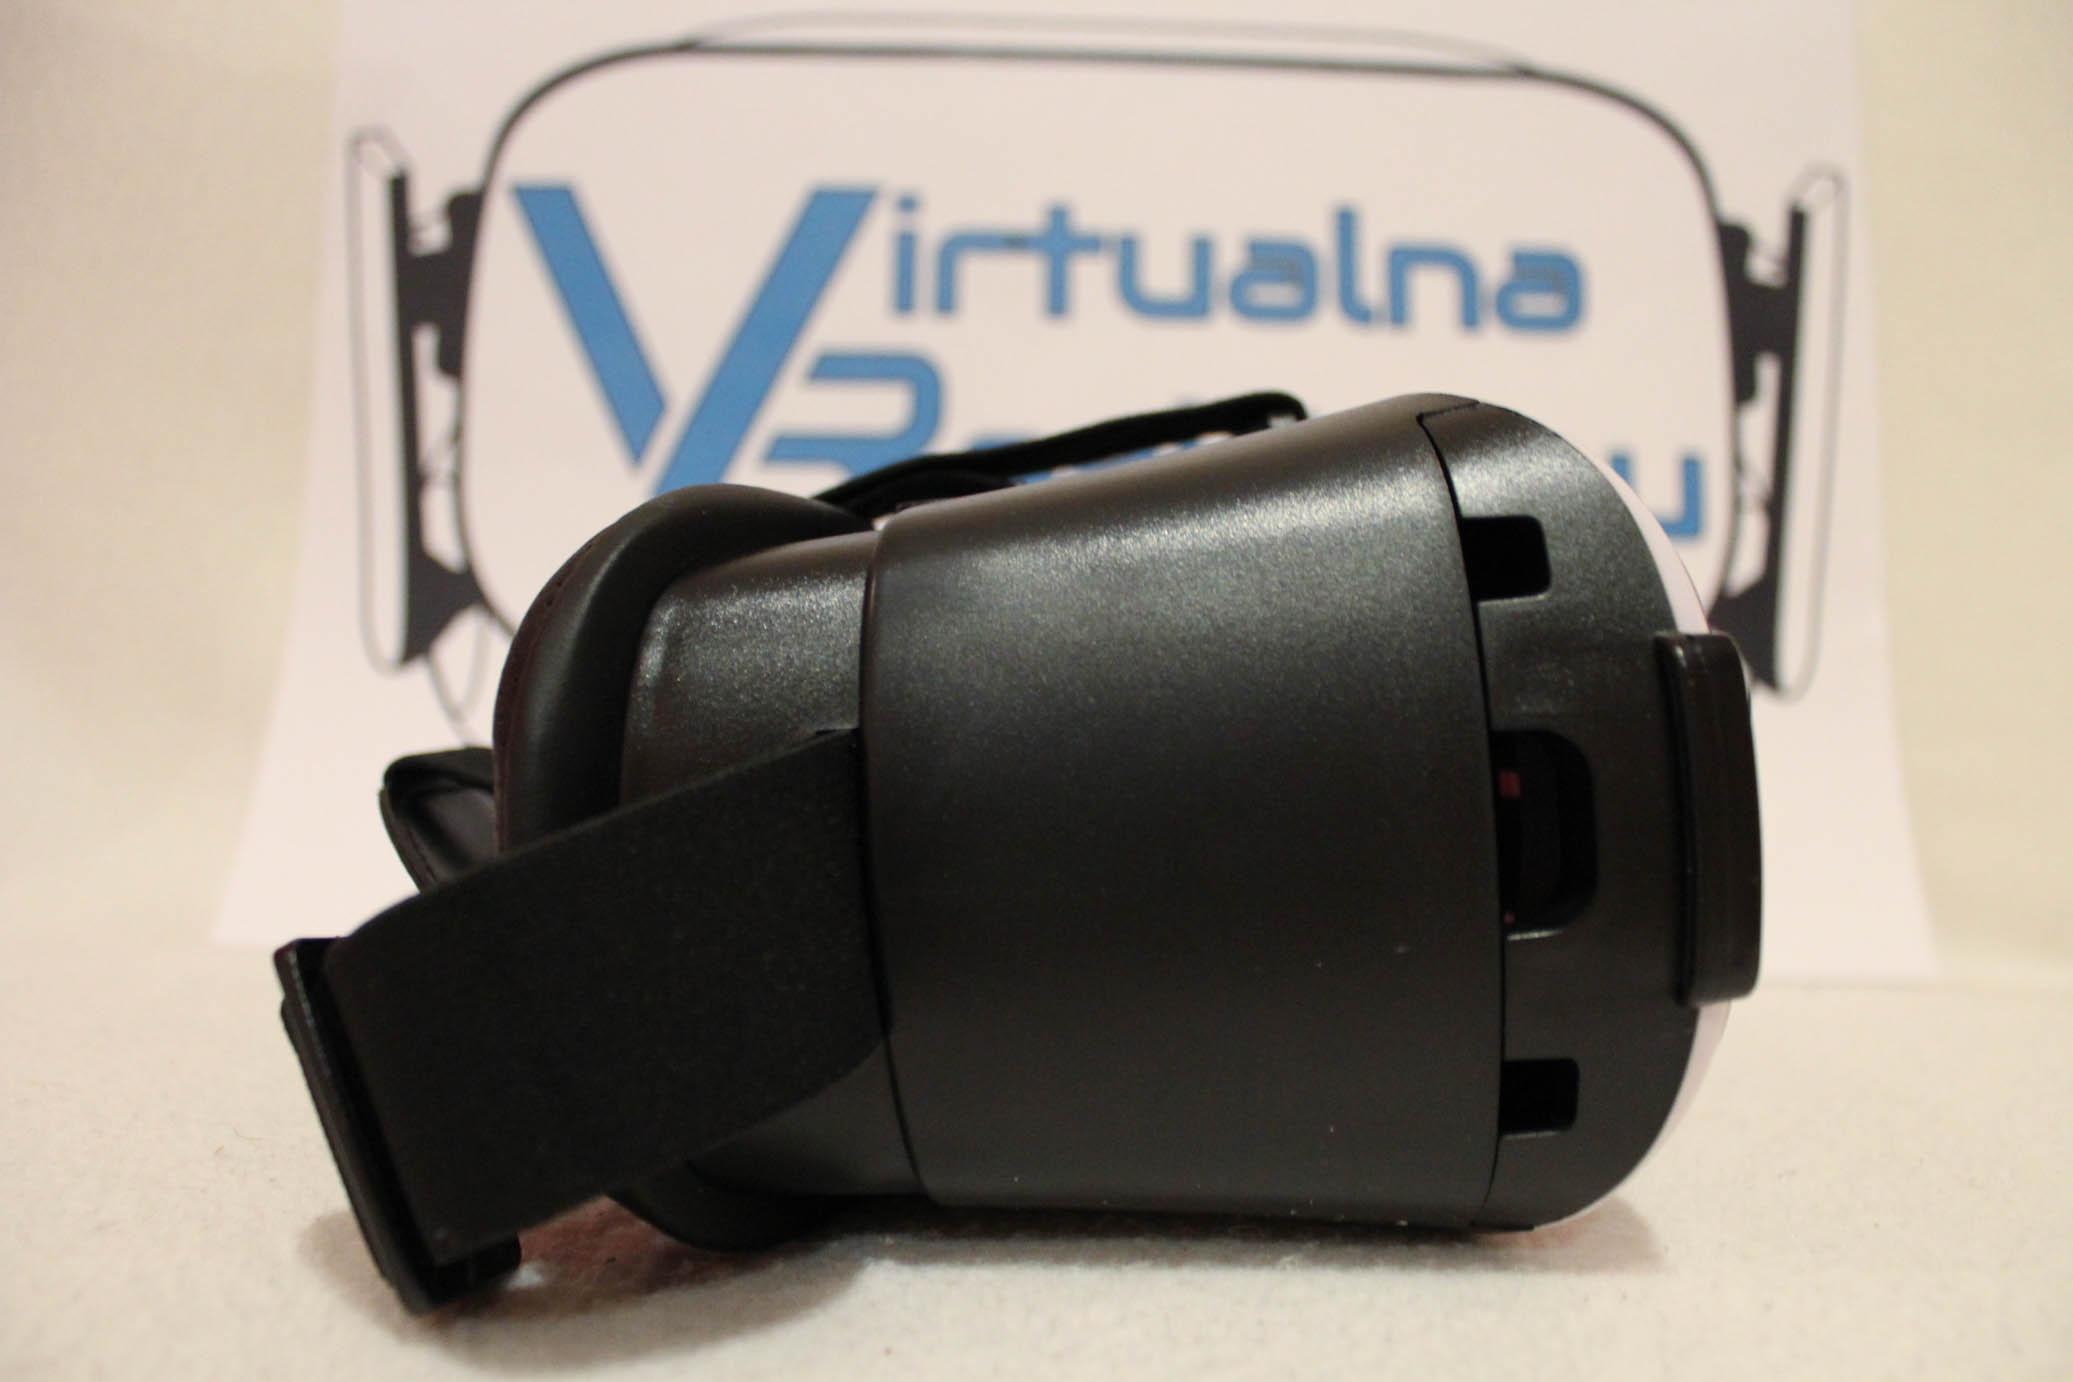 ... o výborný a ľahko dostupný headset. V krabici sa okrem okuliarov  nachádza aj handrička a čistiaci prostriedok na šošovky. Šošovky by mali  mať zobrazenie ... 6d70a97dd80